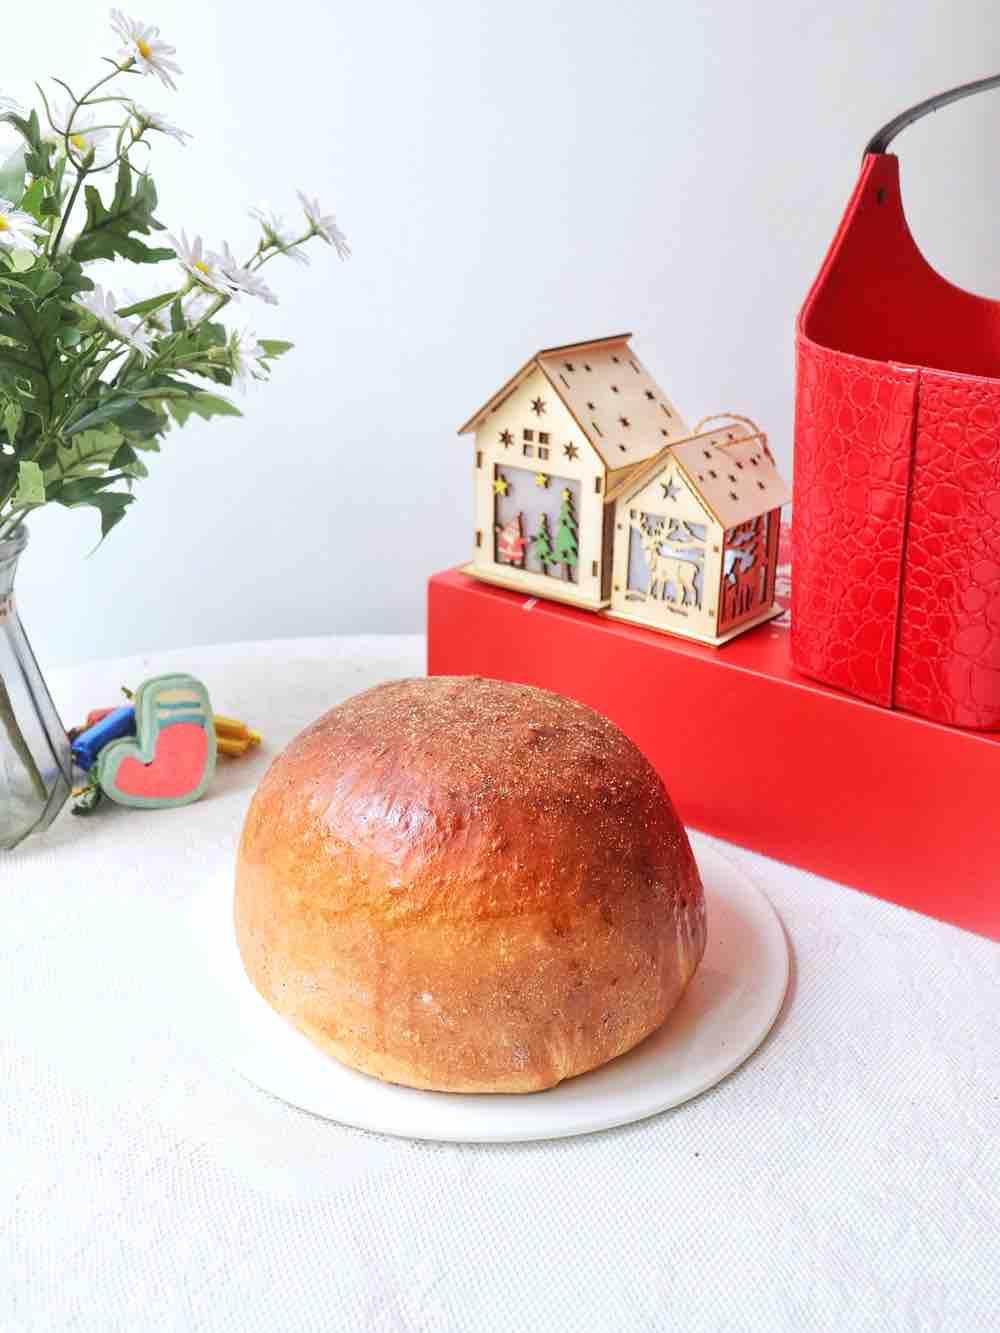 红烩鸡块面包